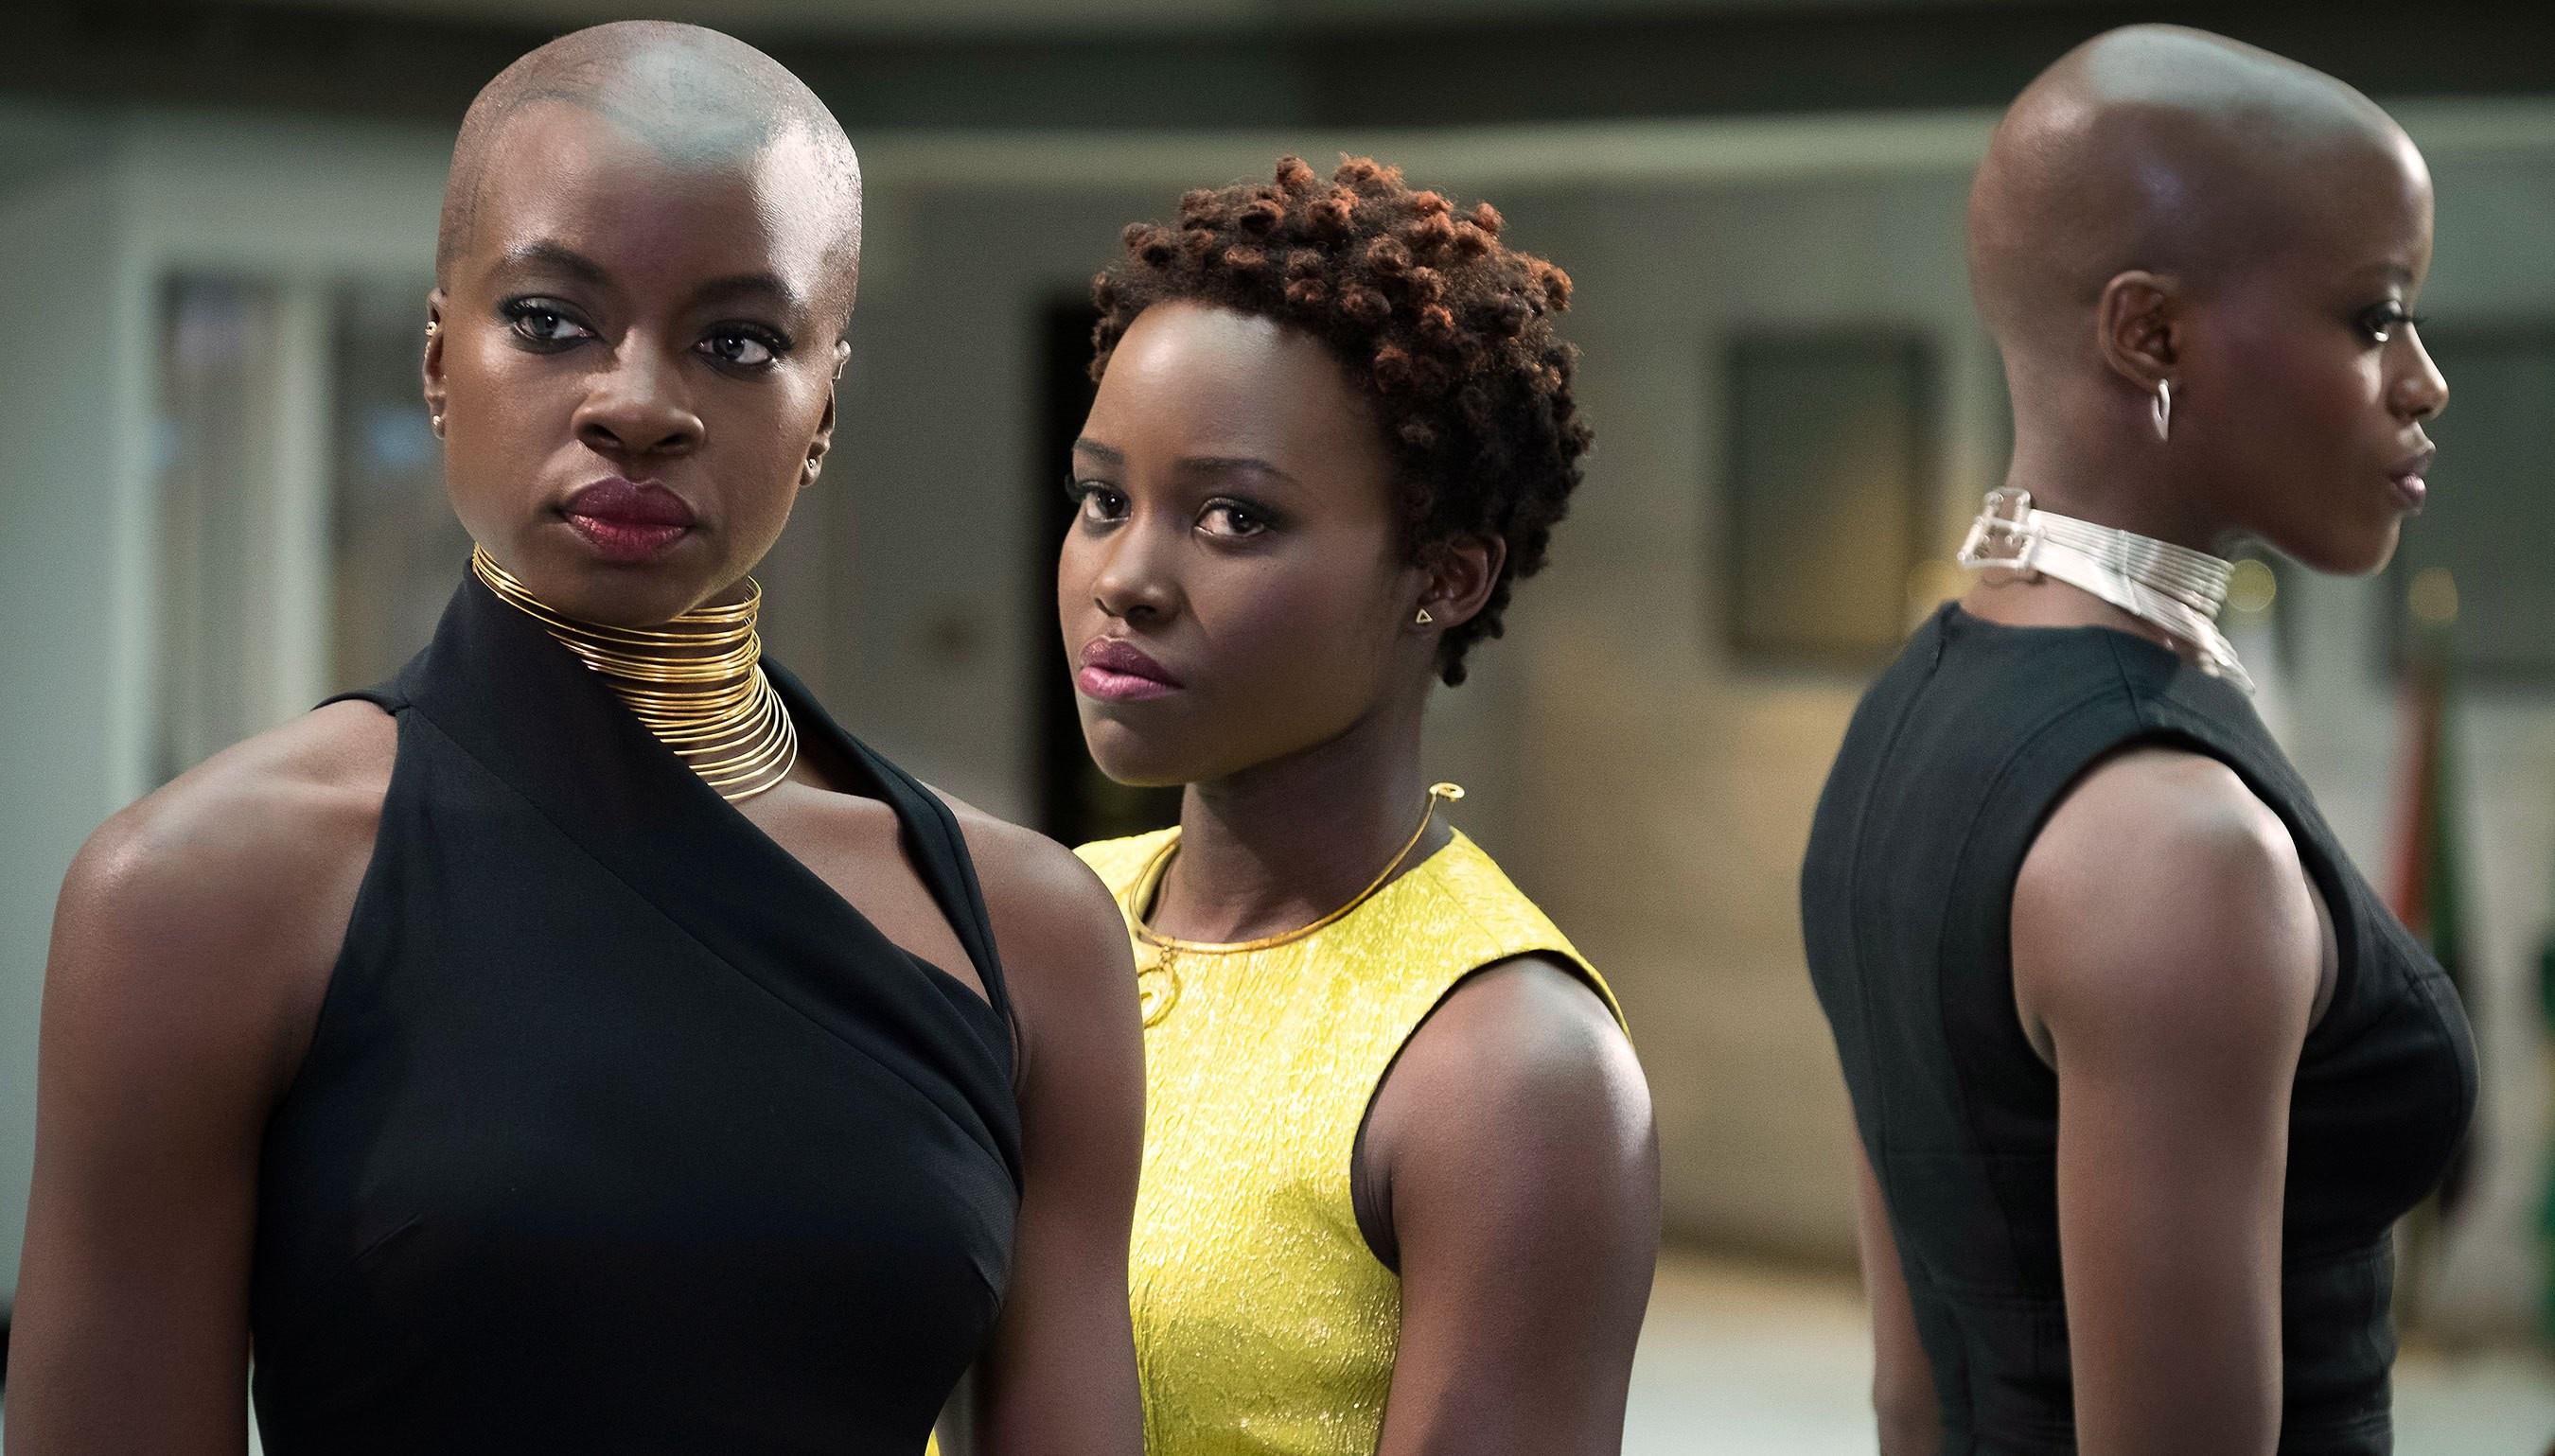 Black movie stills from scrubs